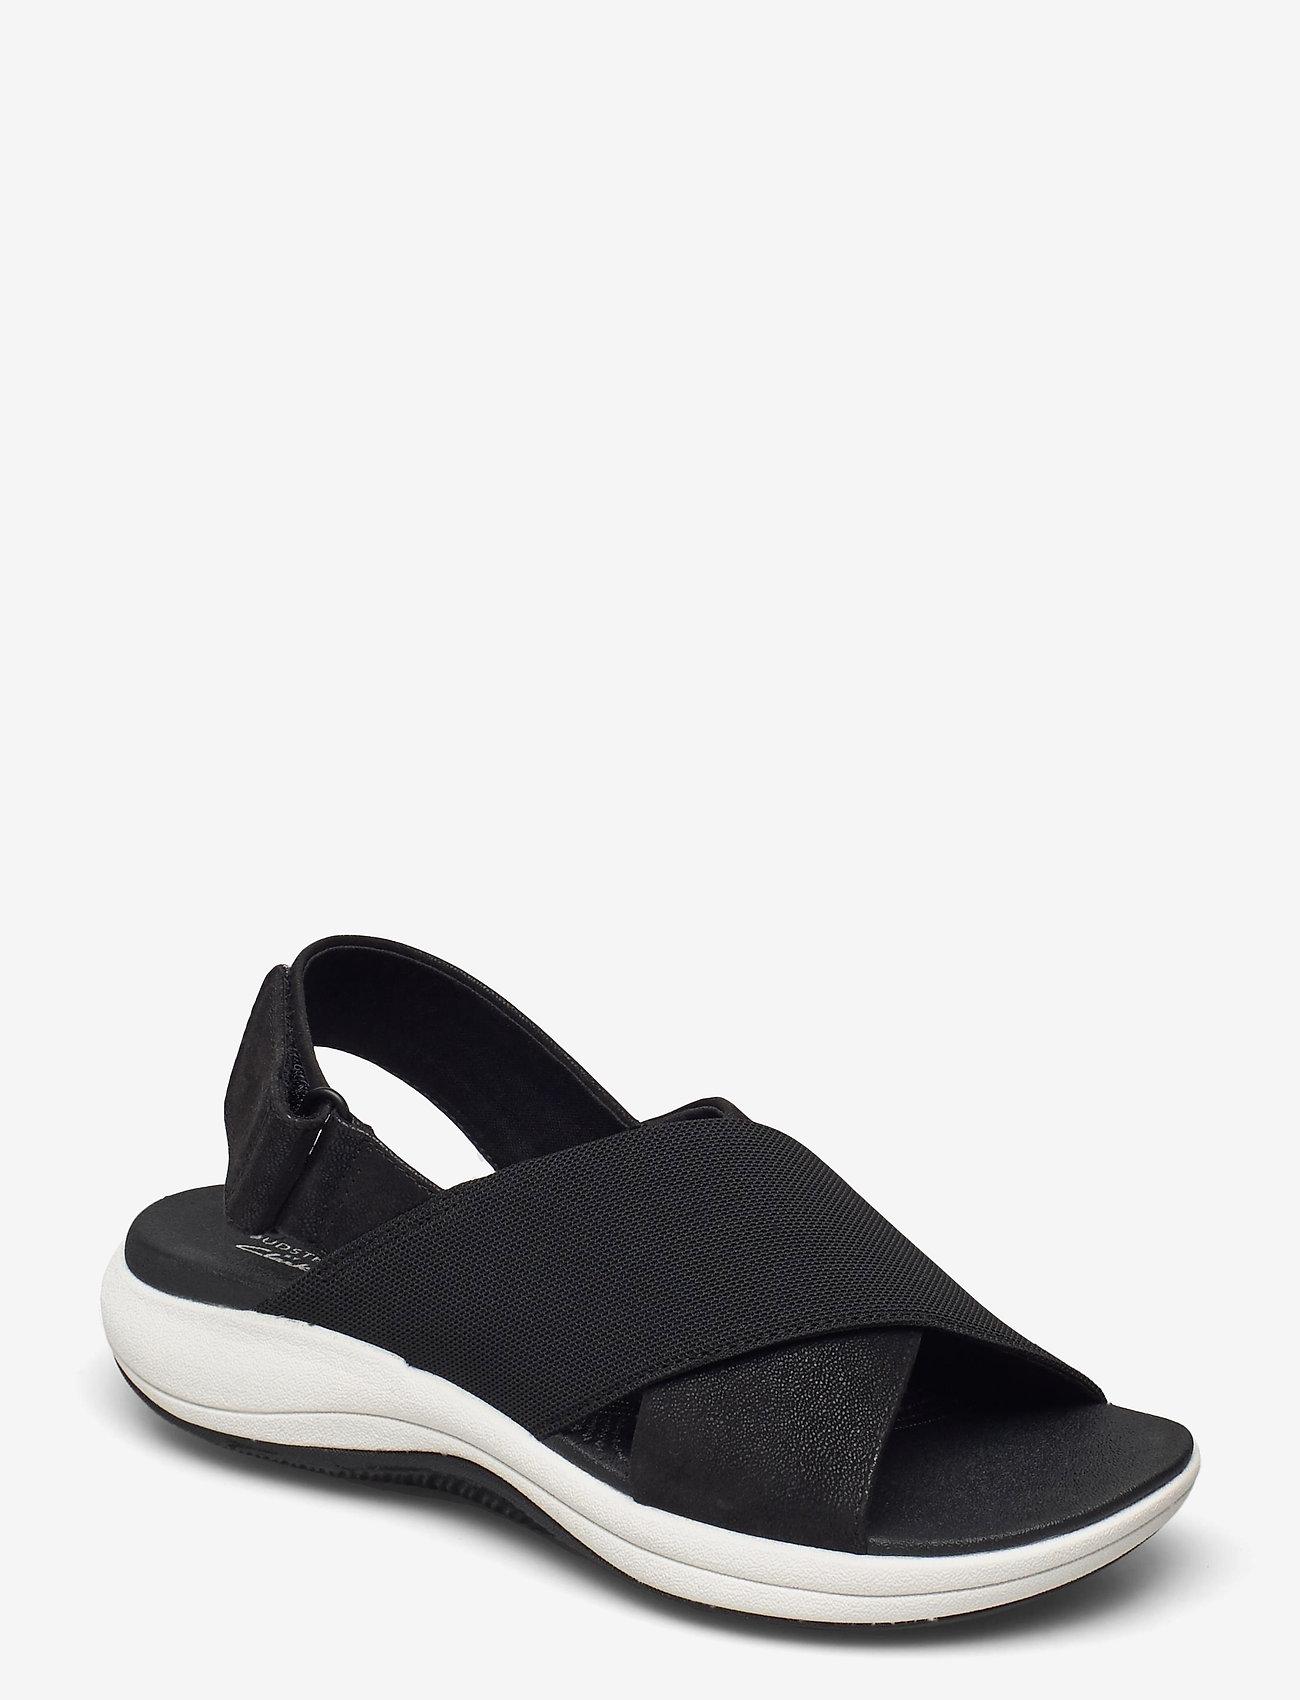 Clarks - Mira Sand - platta sandaler - black - 0